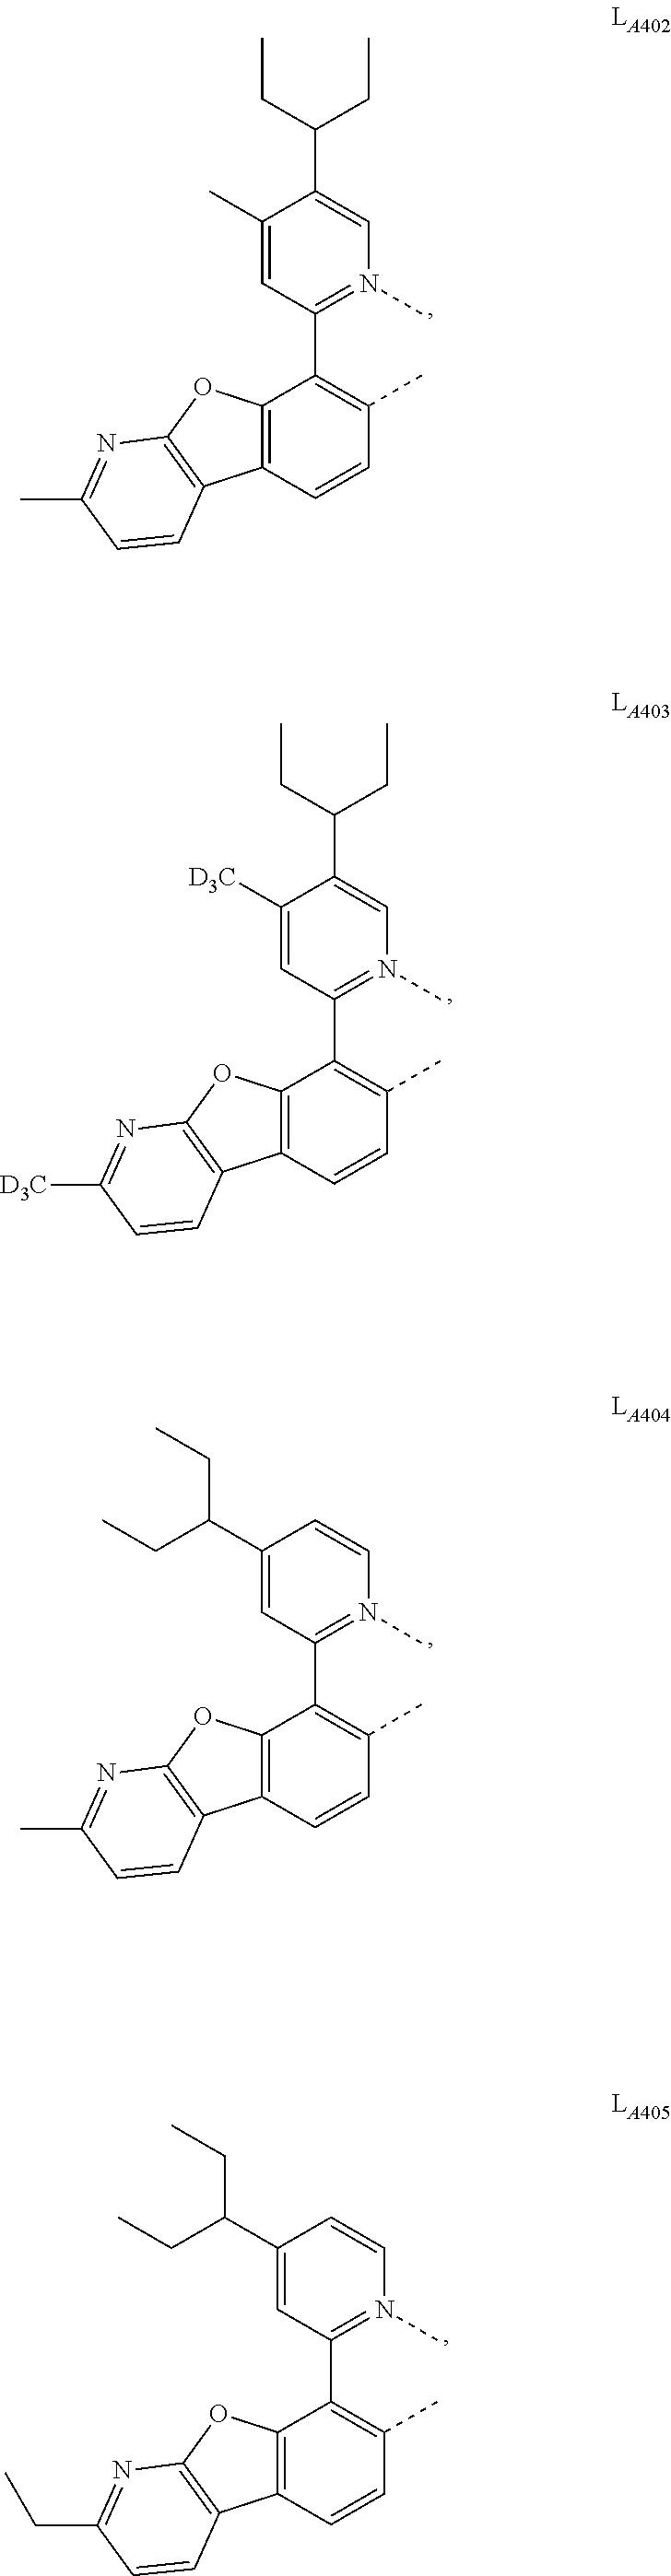 Figure US10043987-20180807-C00108